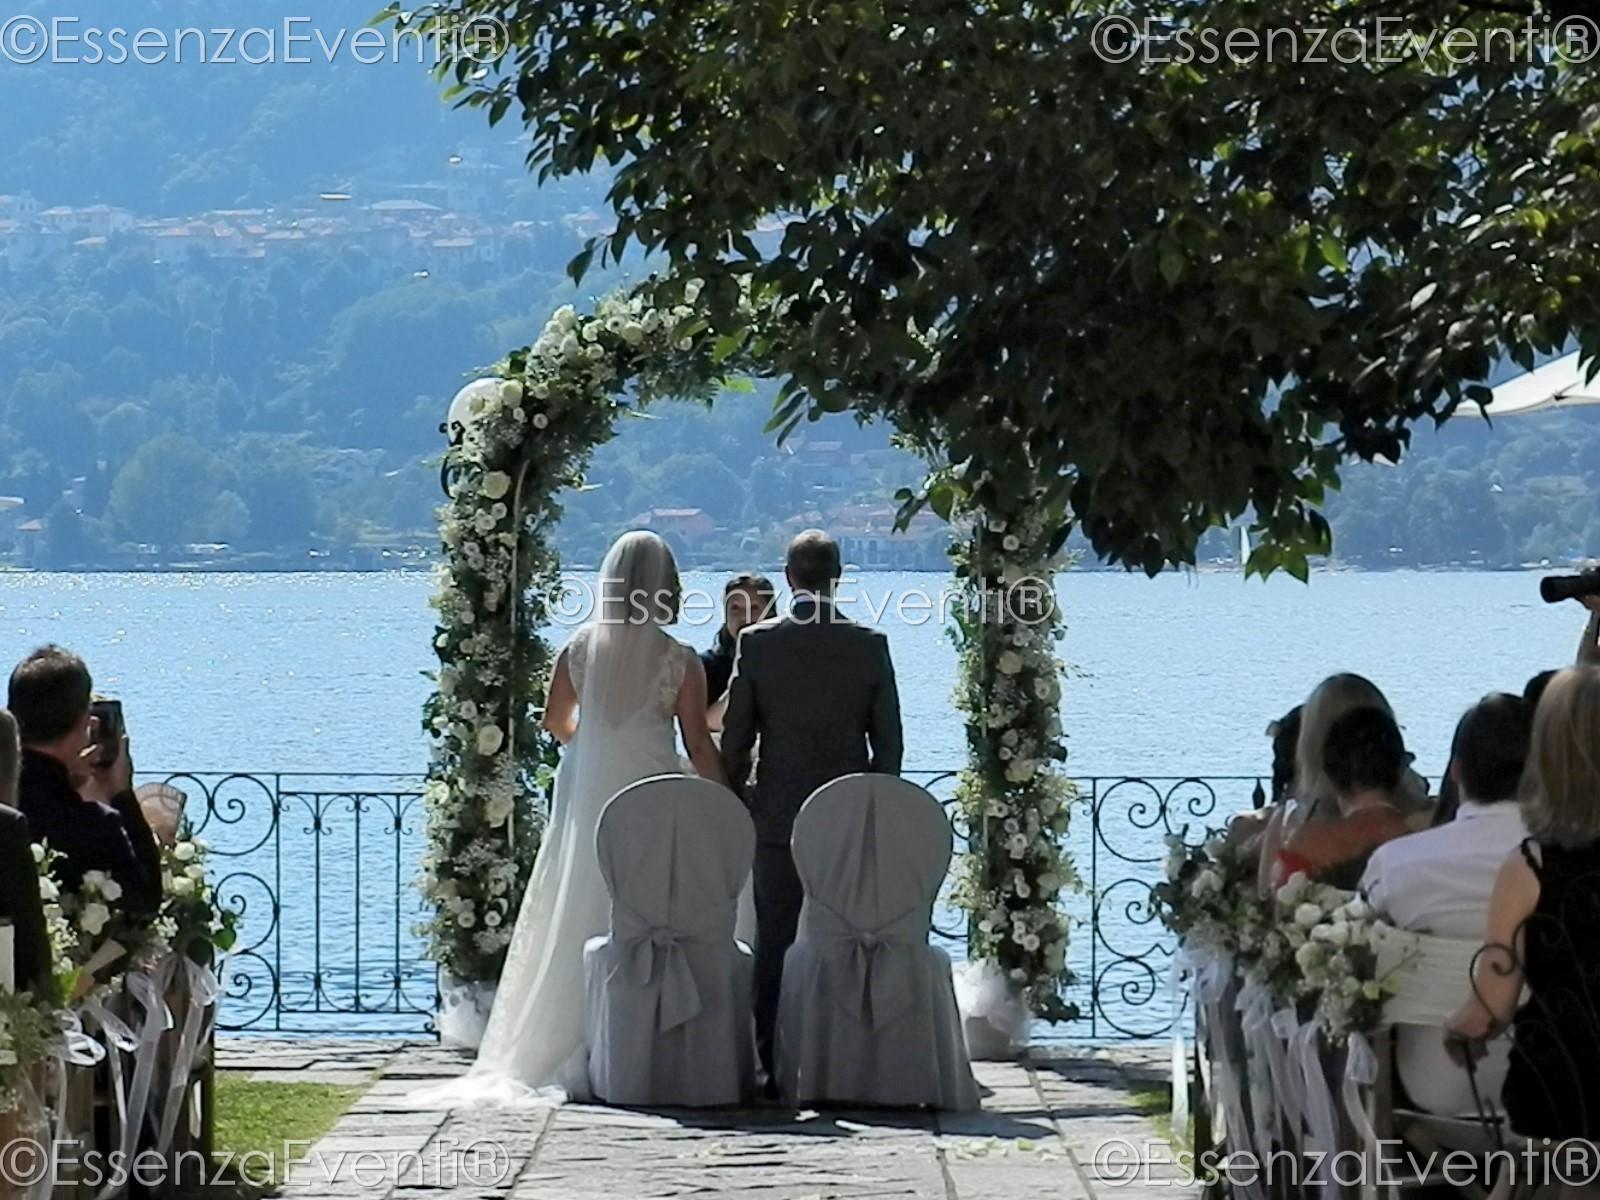 essenza-eventi-celebrant-symbolic-wedding-ceremony-lago-di-orta-1